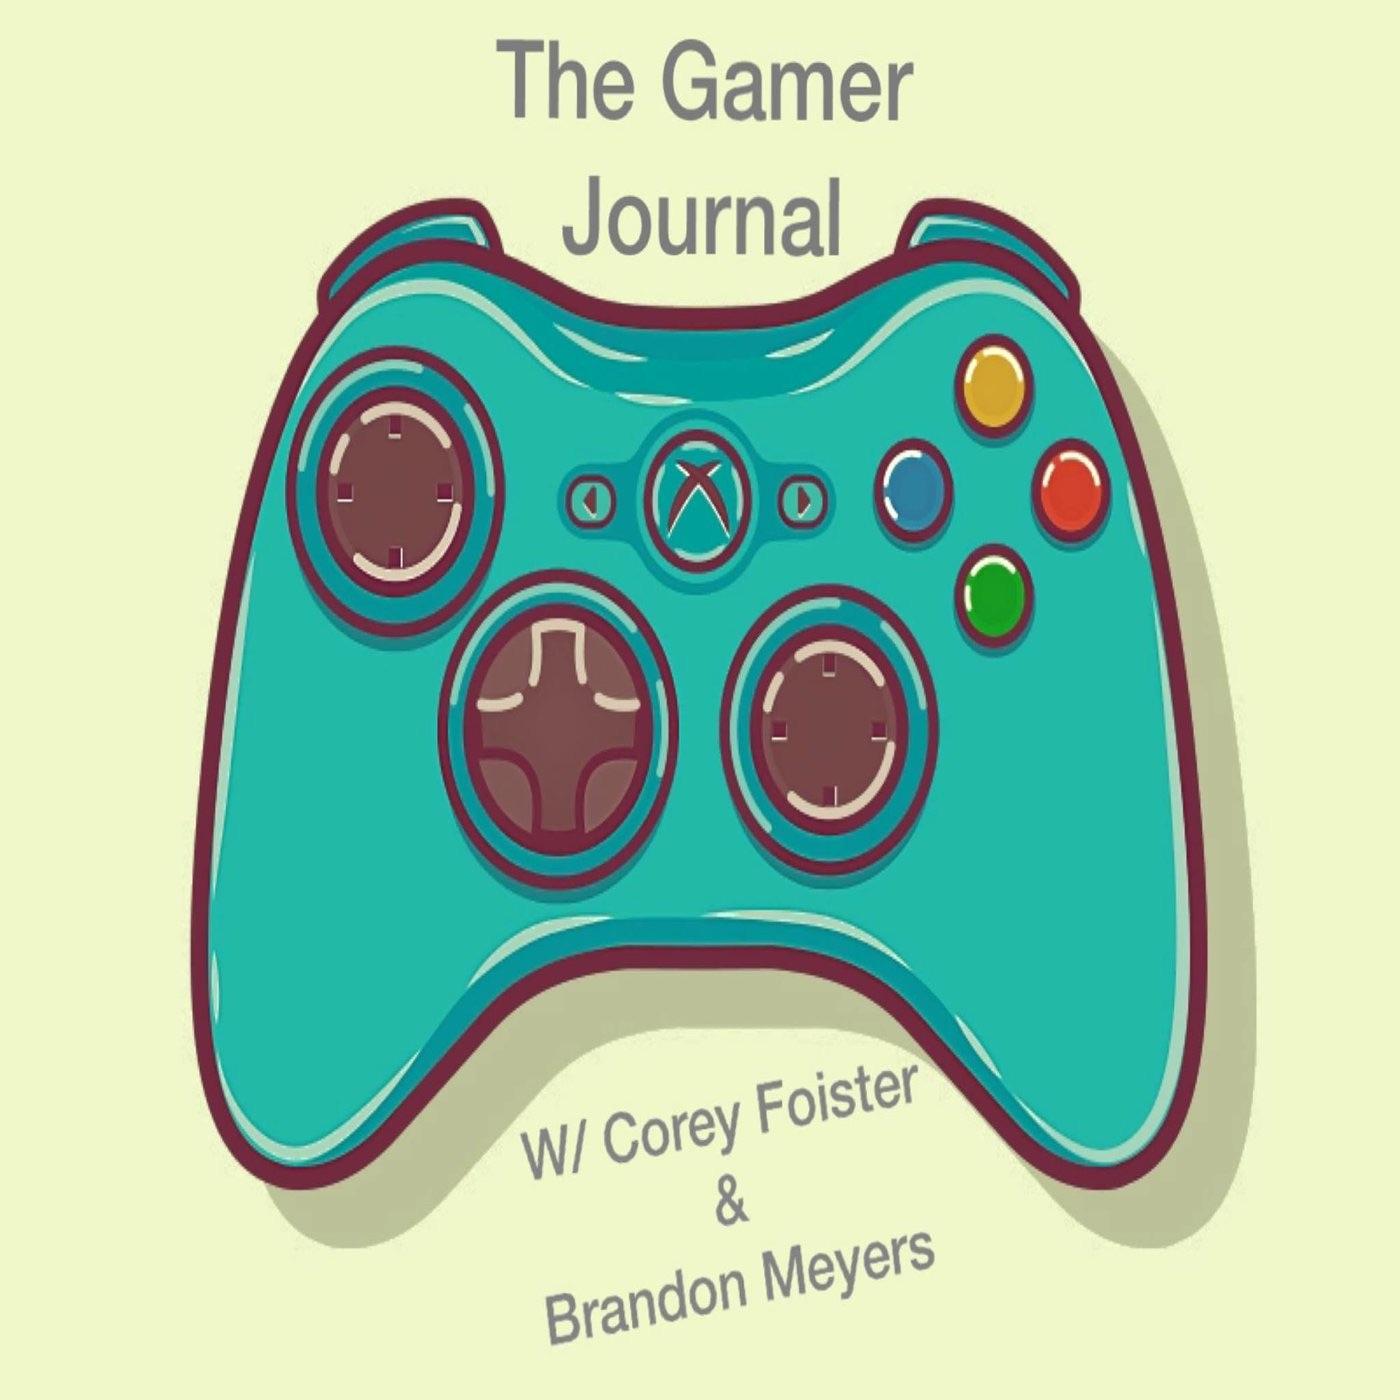 The Gamer Journal